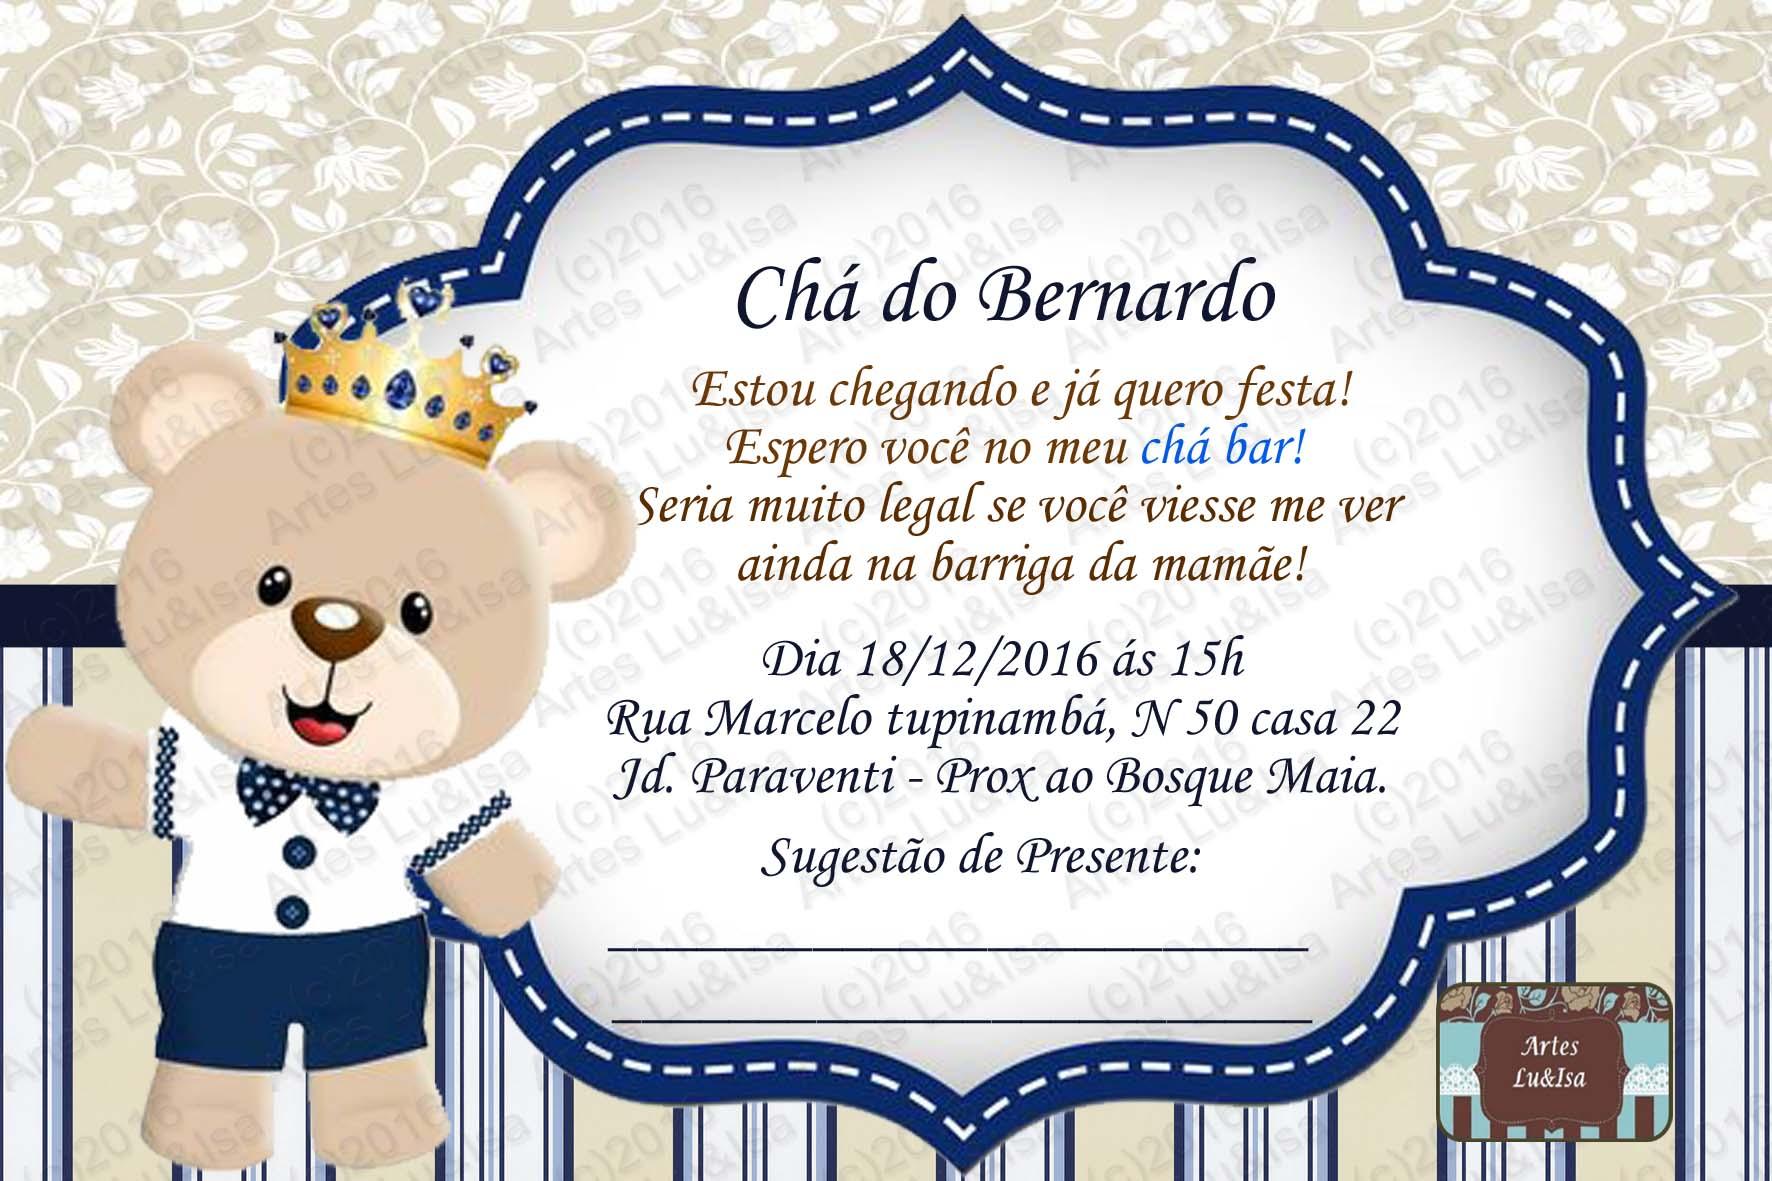 Convite Digital Ursinho Príncipe No Elo7 Luisa 830e73